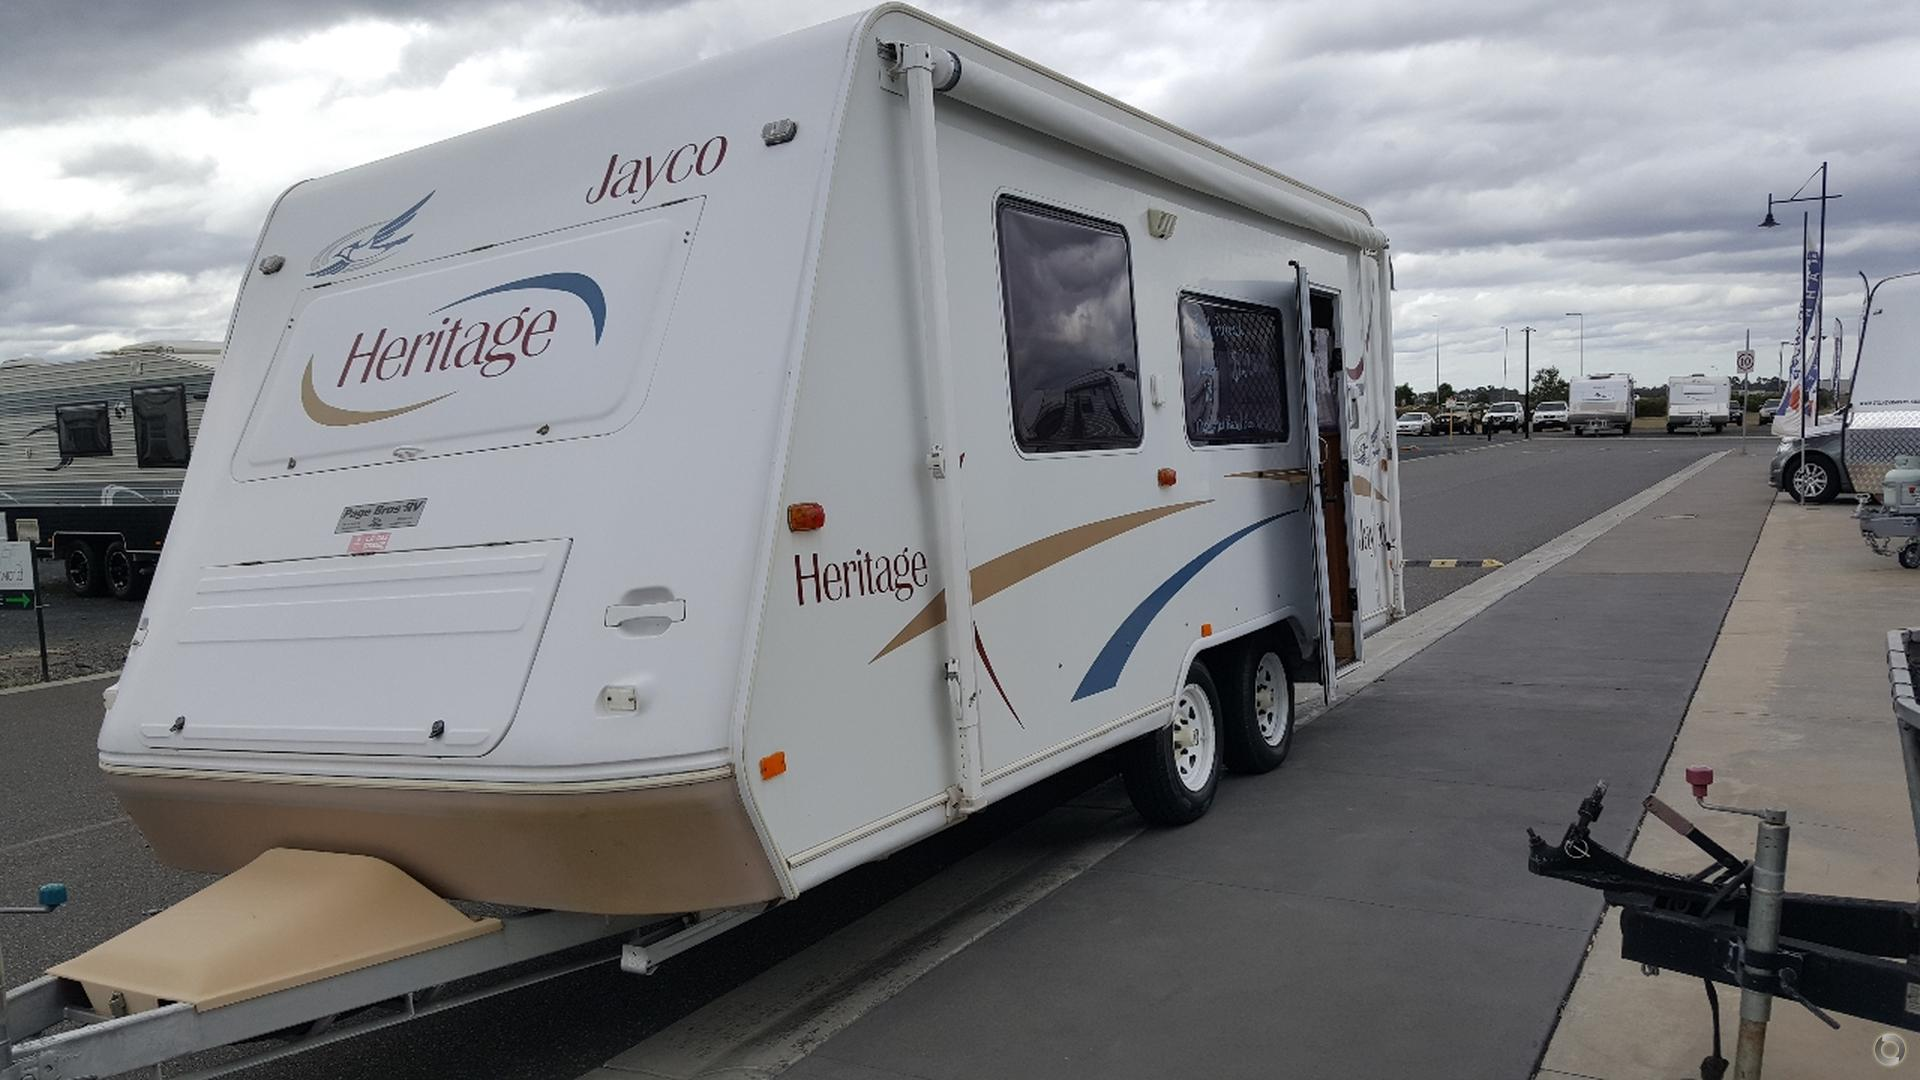 2004 Jayco Heritage